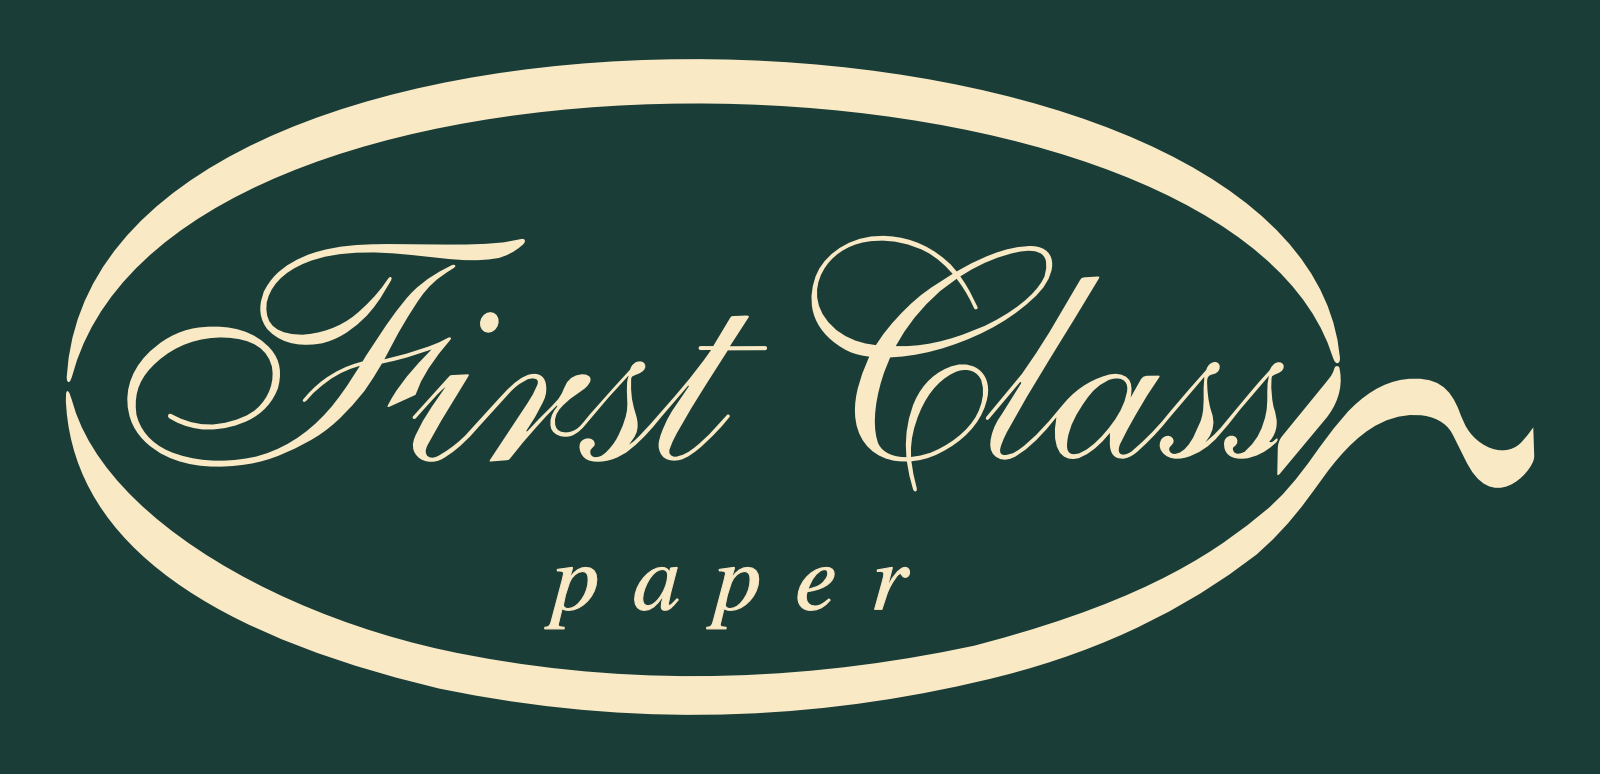 First class paper